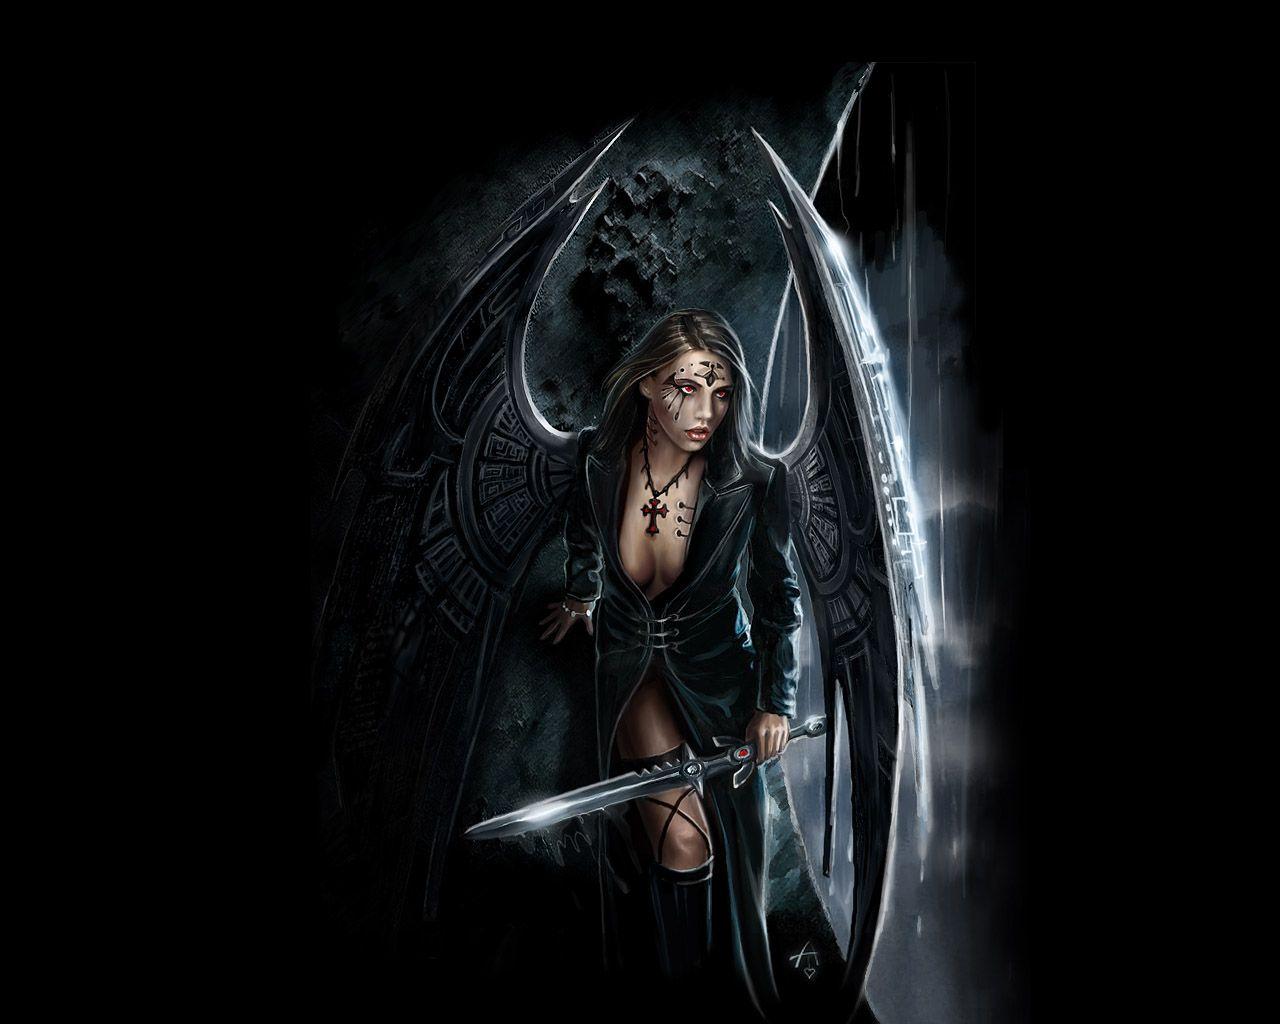 14 best the dark images on pinterest | dark art, dark angels and